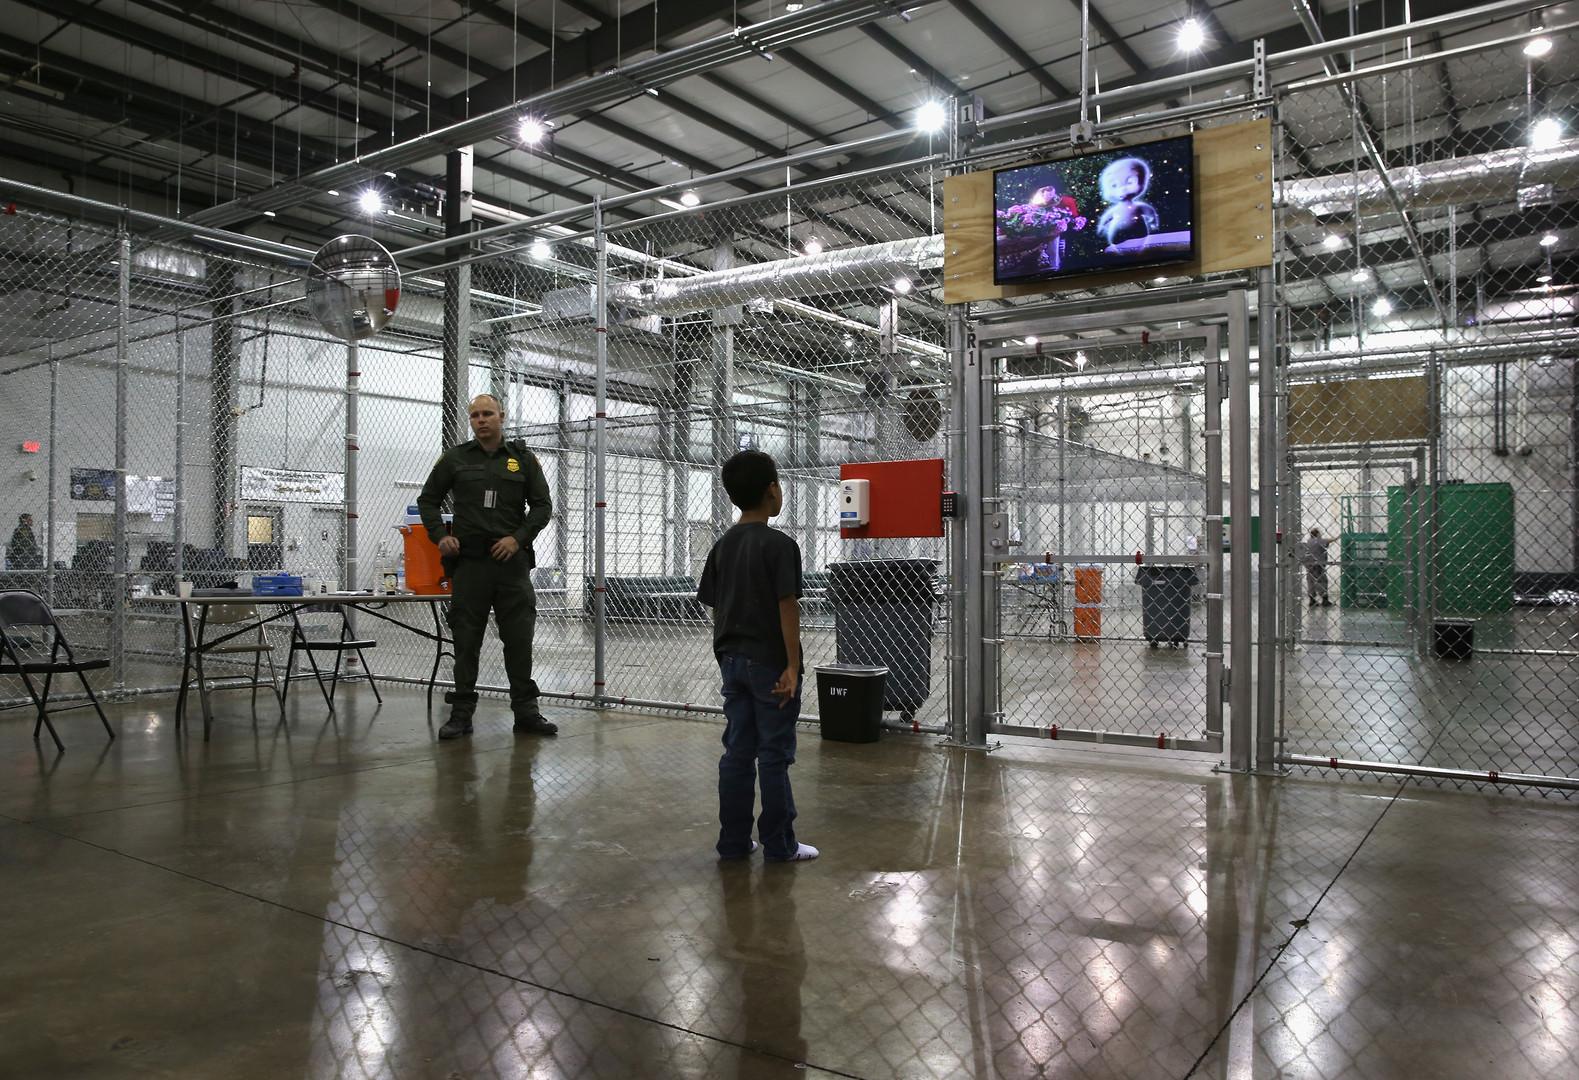 Unaccompanied Child in Detention Source: AP